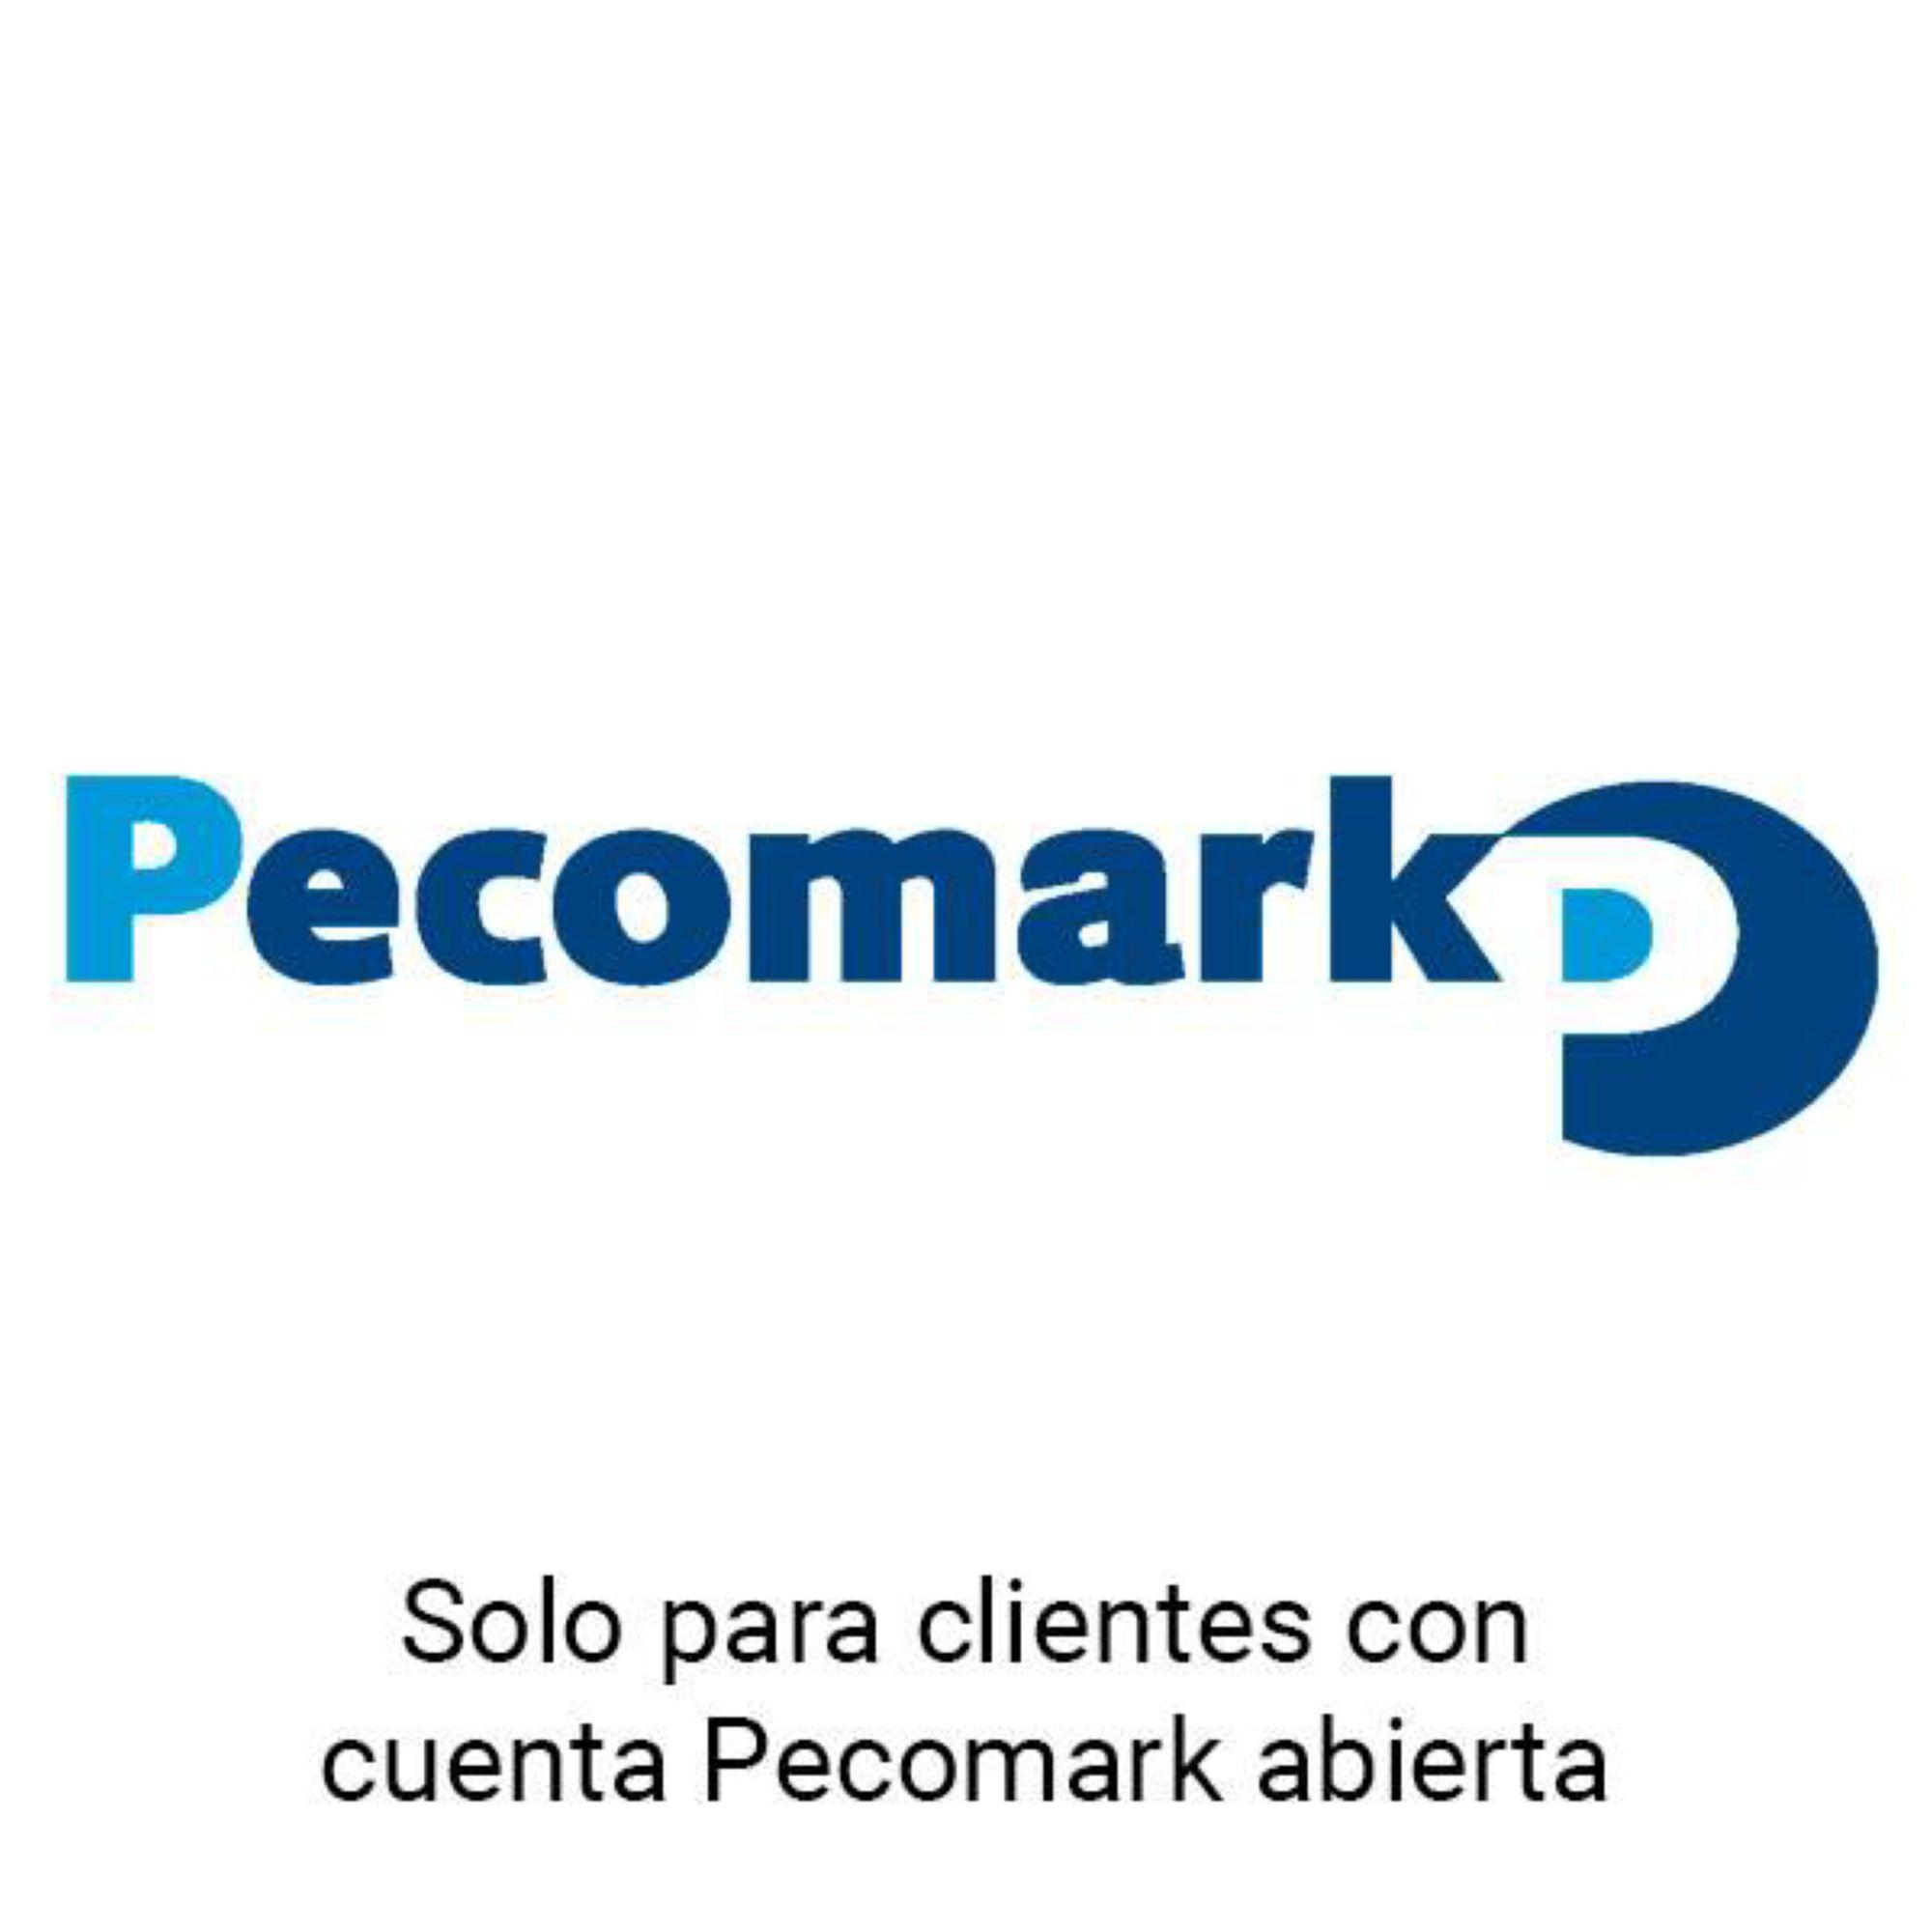 Imag-ES-testo-distri-pecomark-600x600.jpg